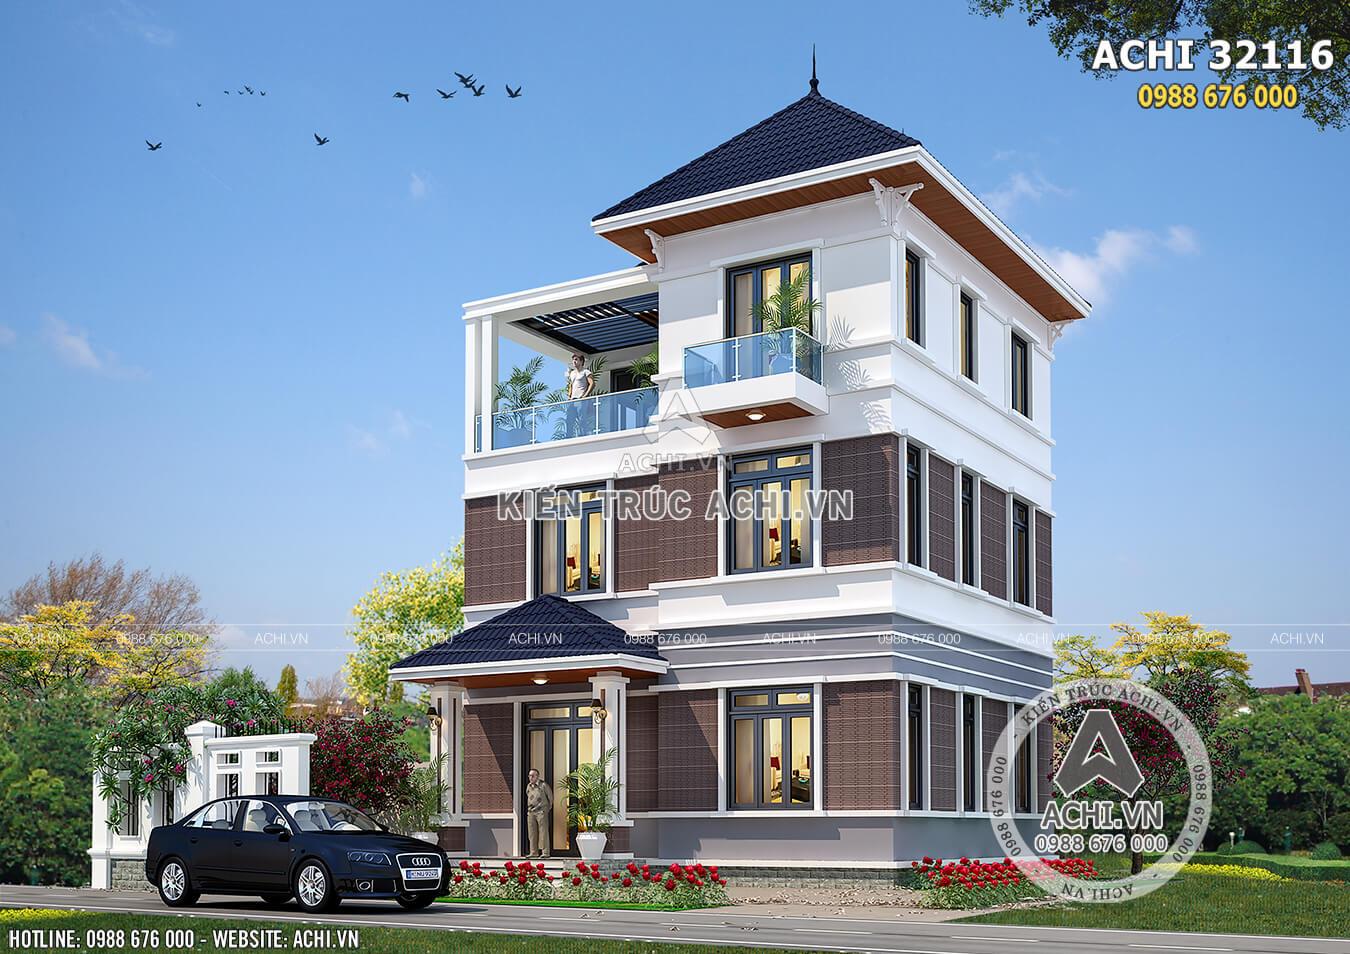 Biệt thự mái thái 3 tầng hiện đại đẹp tại Hà Nội - ACHI 32116